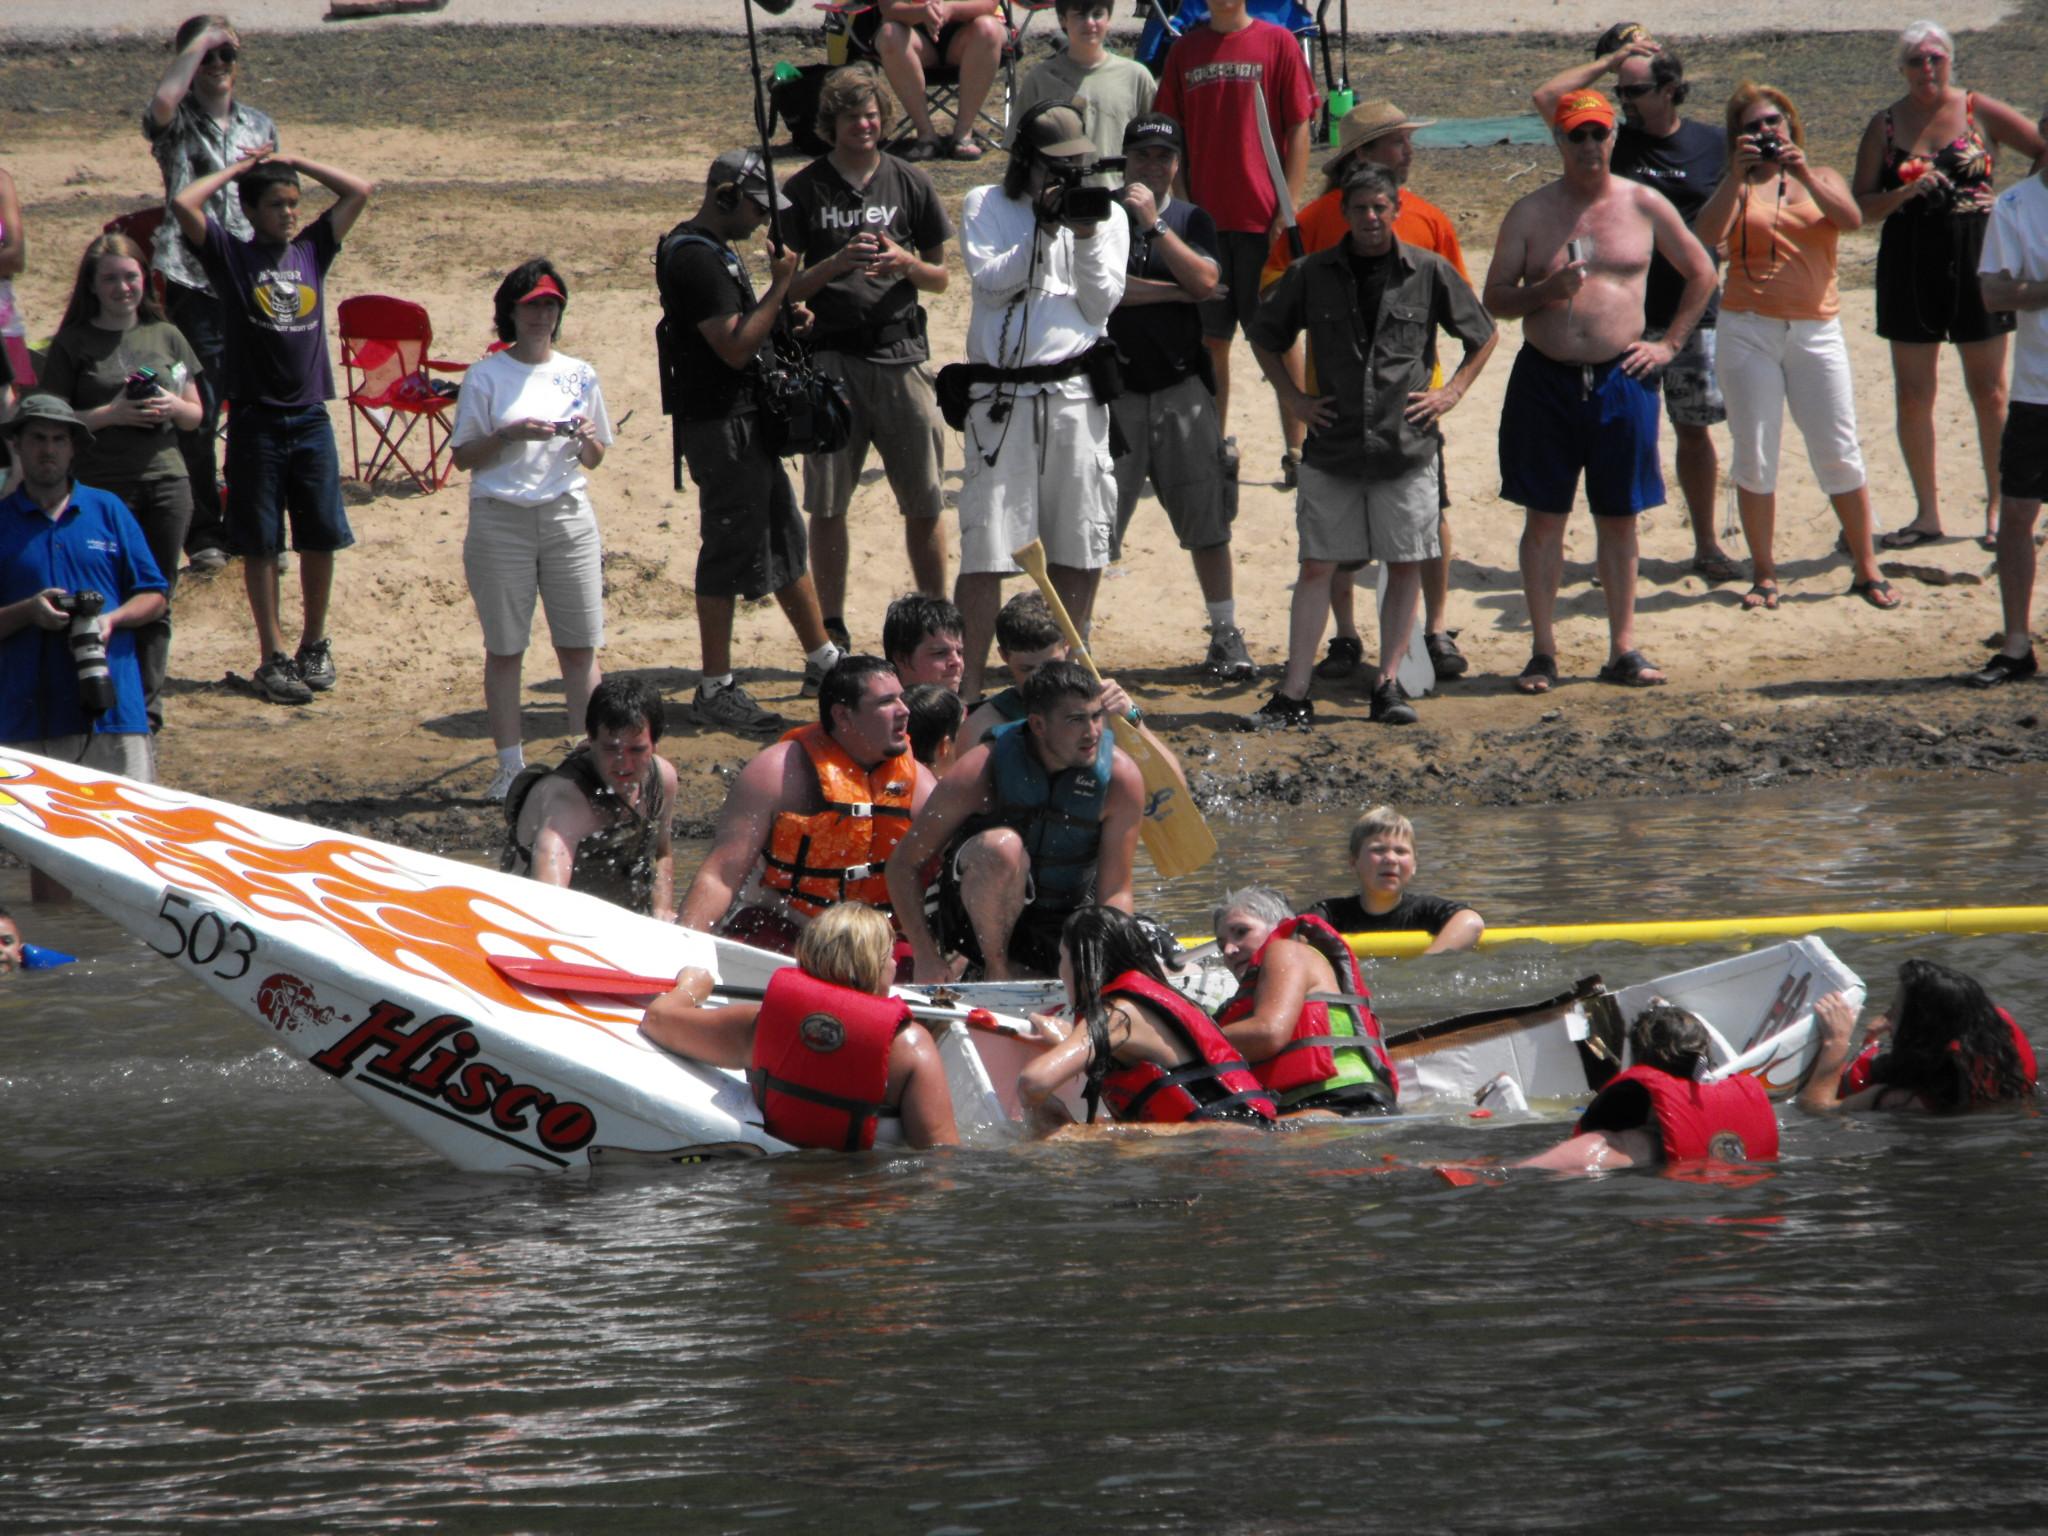 Cardboard Boat Race Wipeout